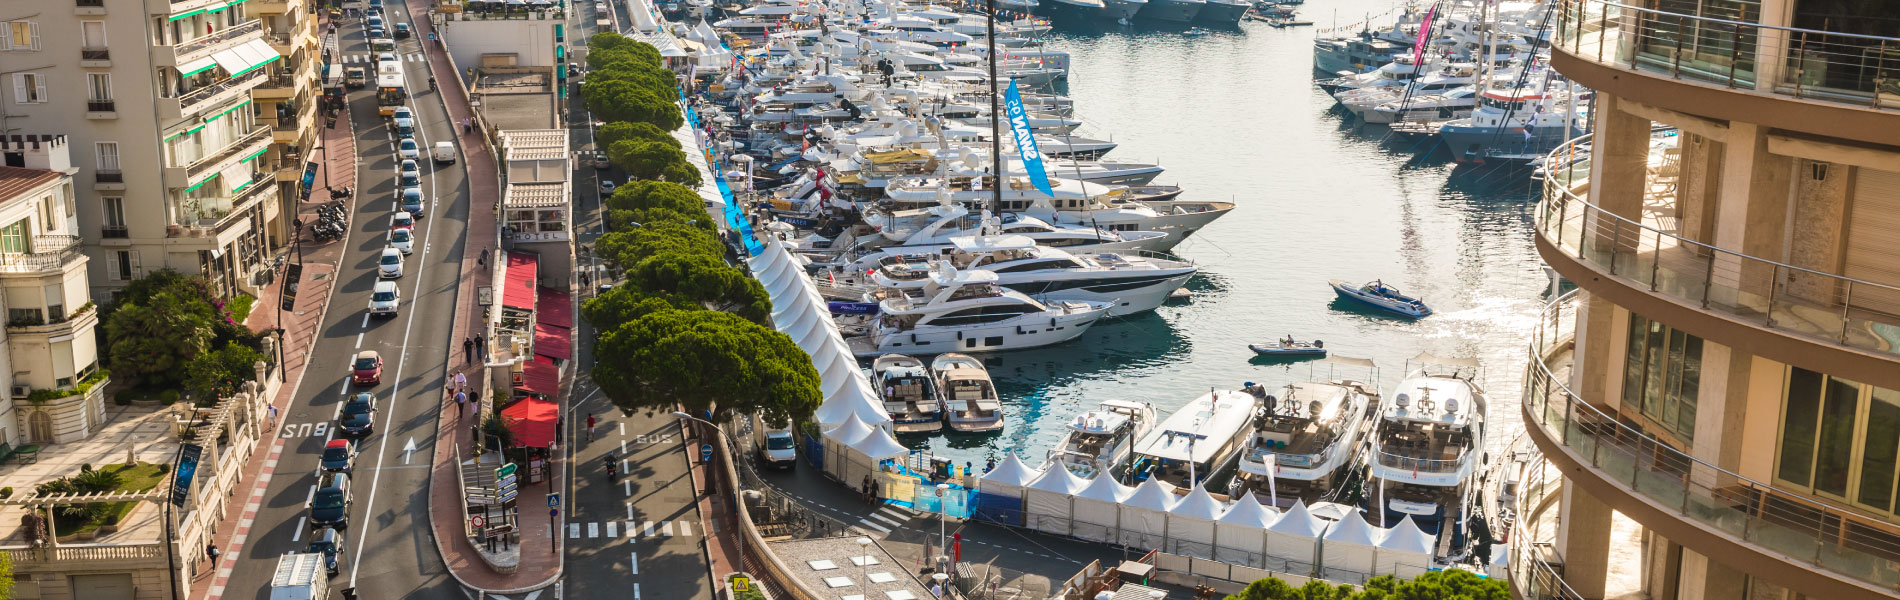 La qualité de vie à Monaco